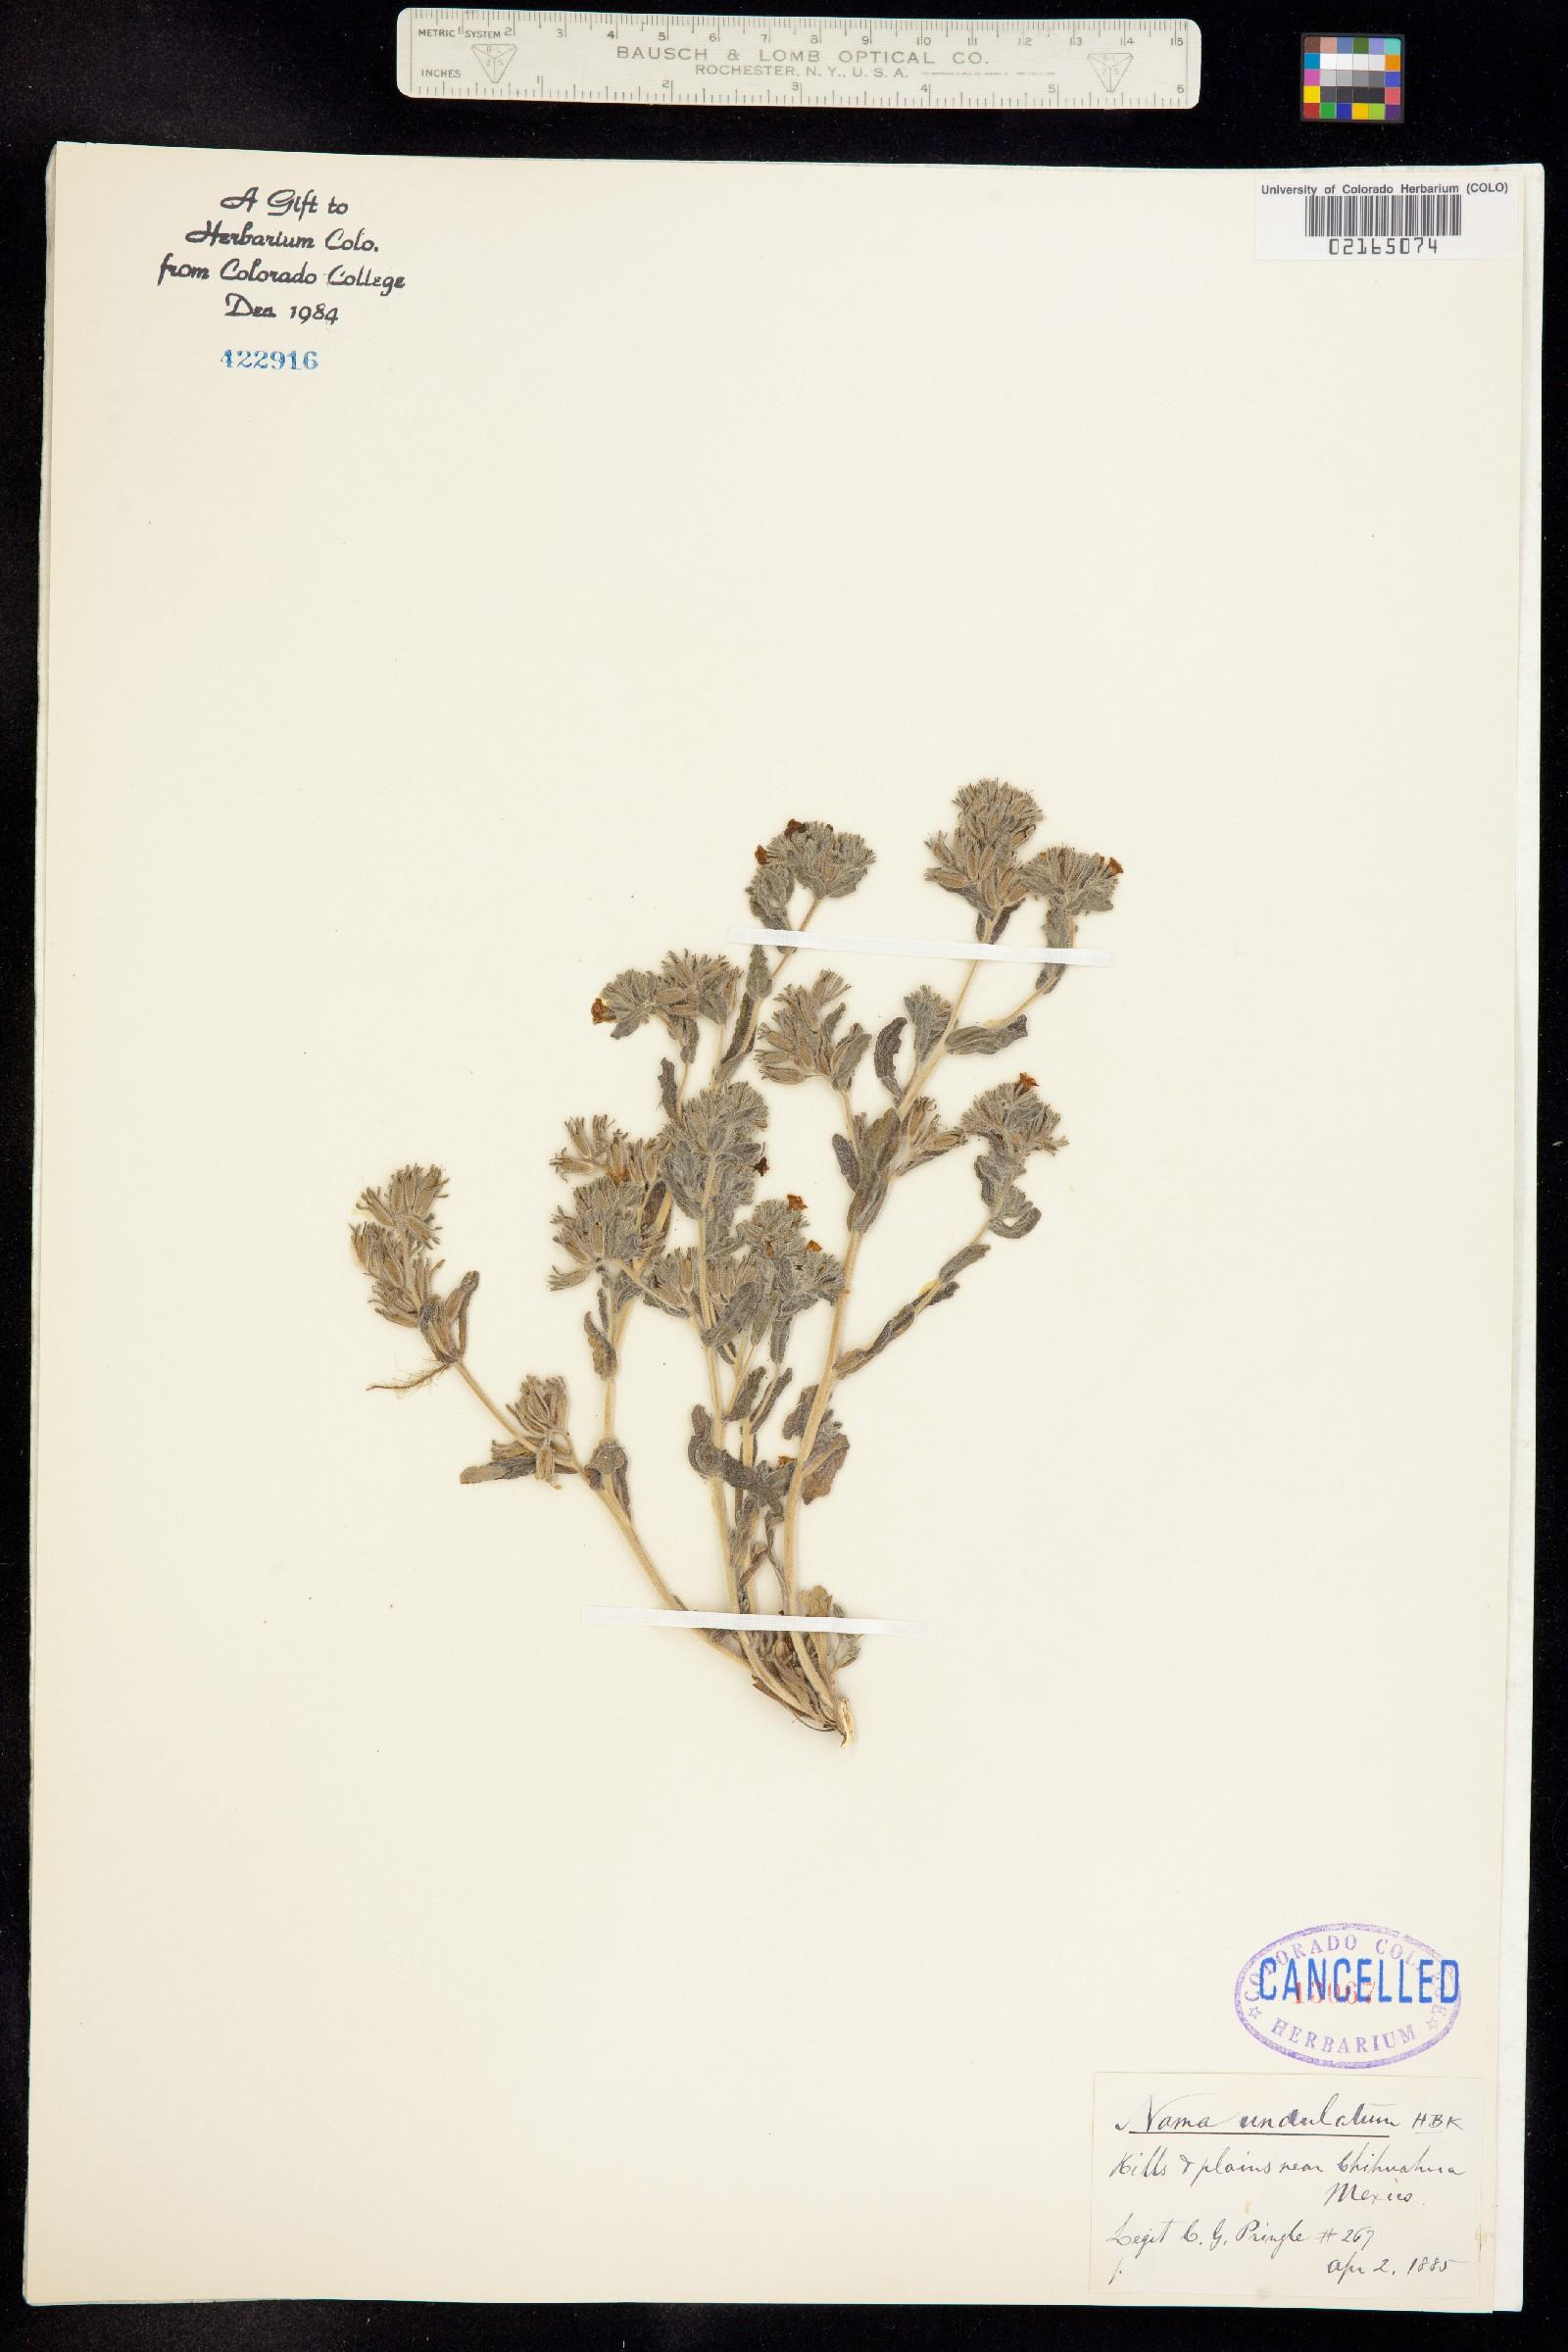 Nama undulata image